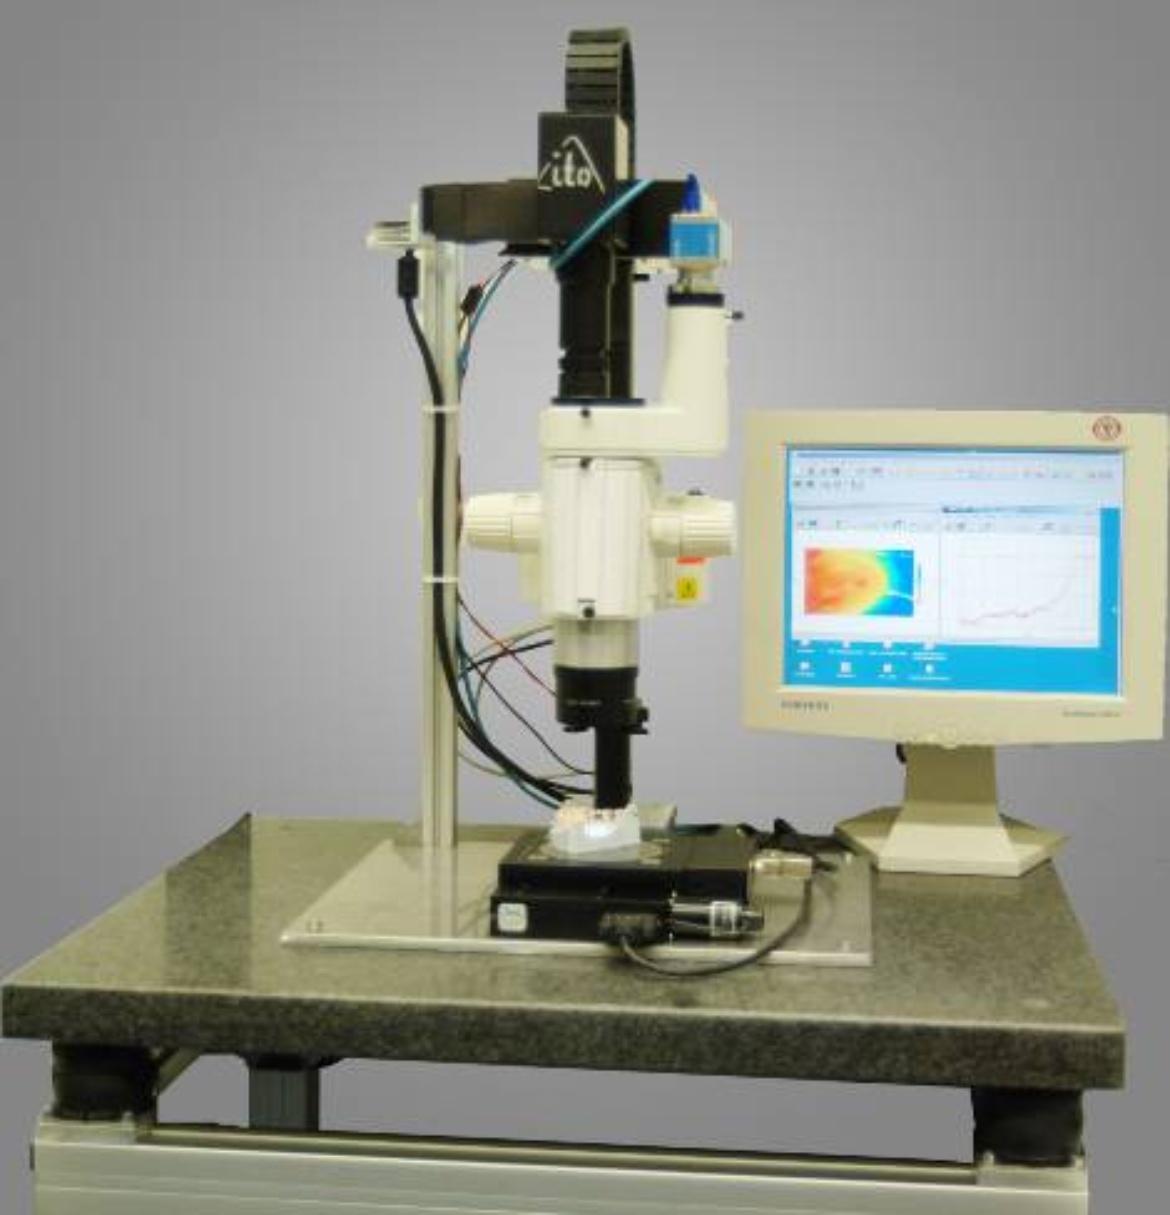 Understanding 3D sensors